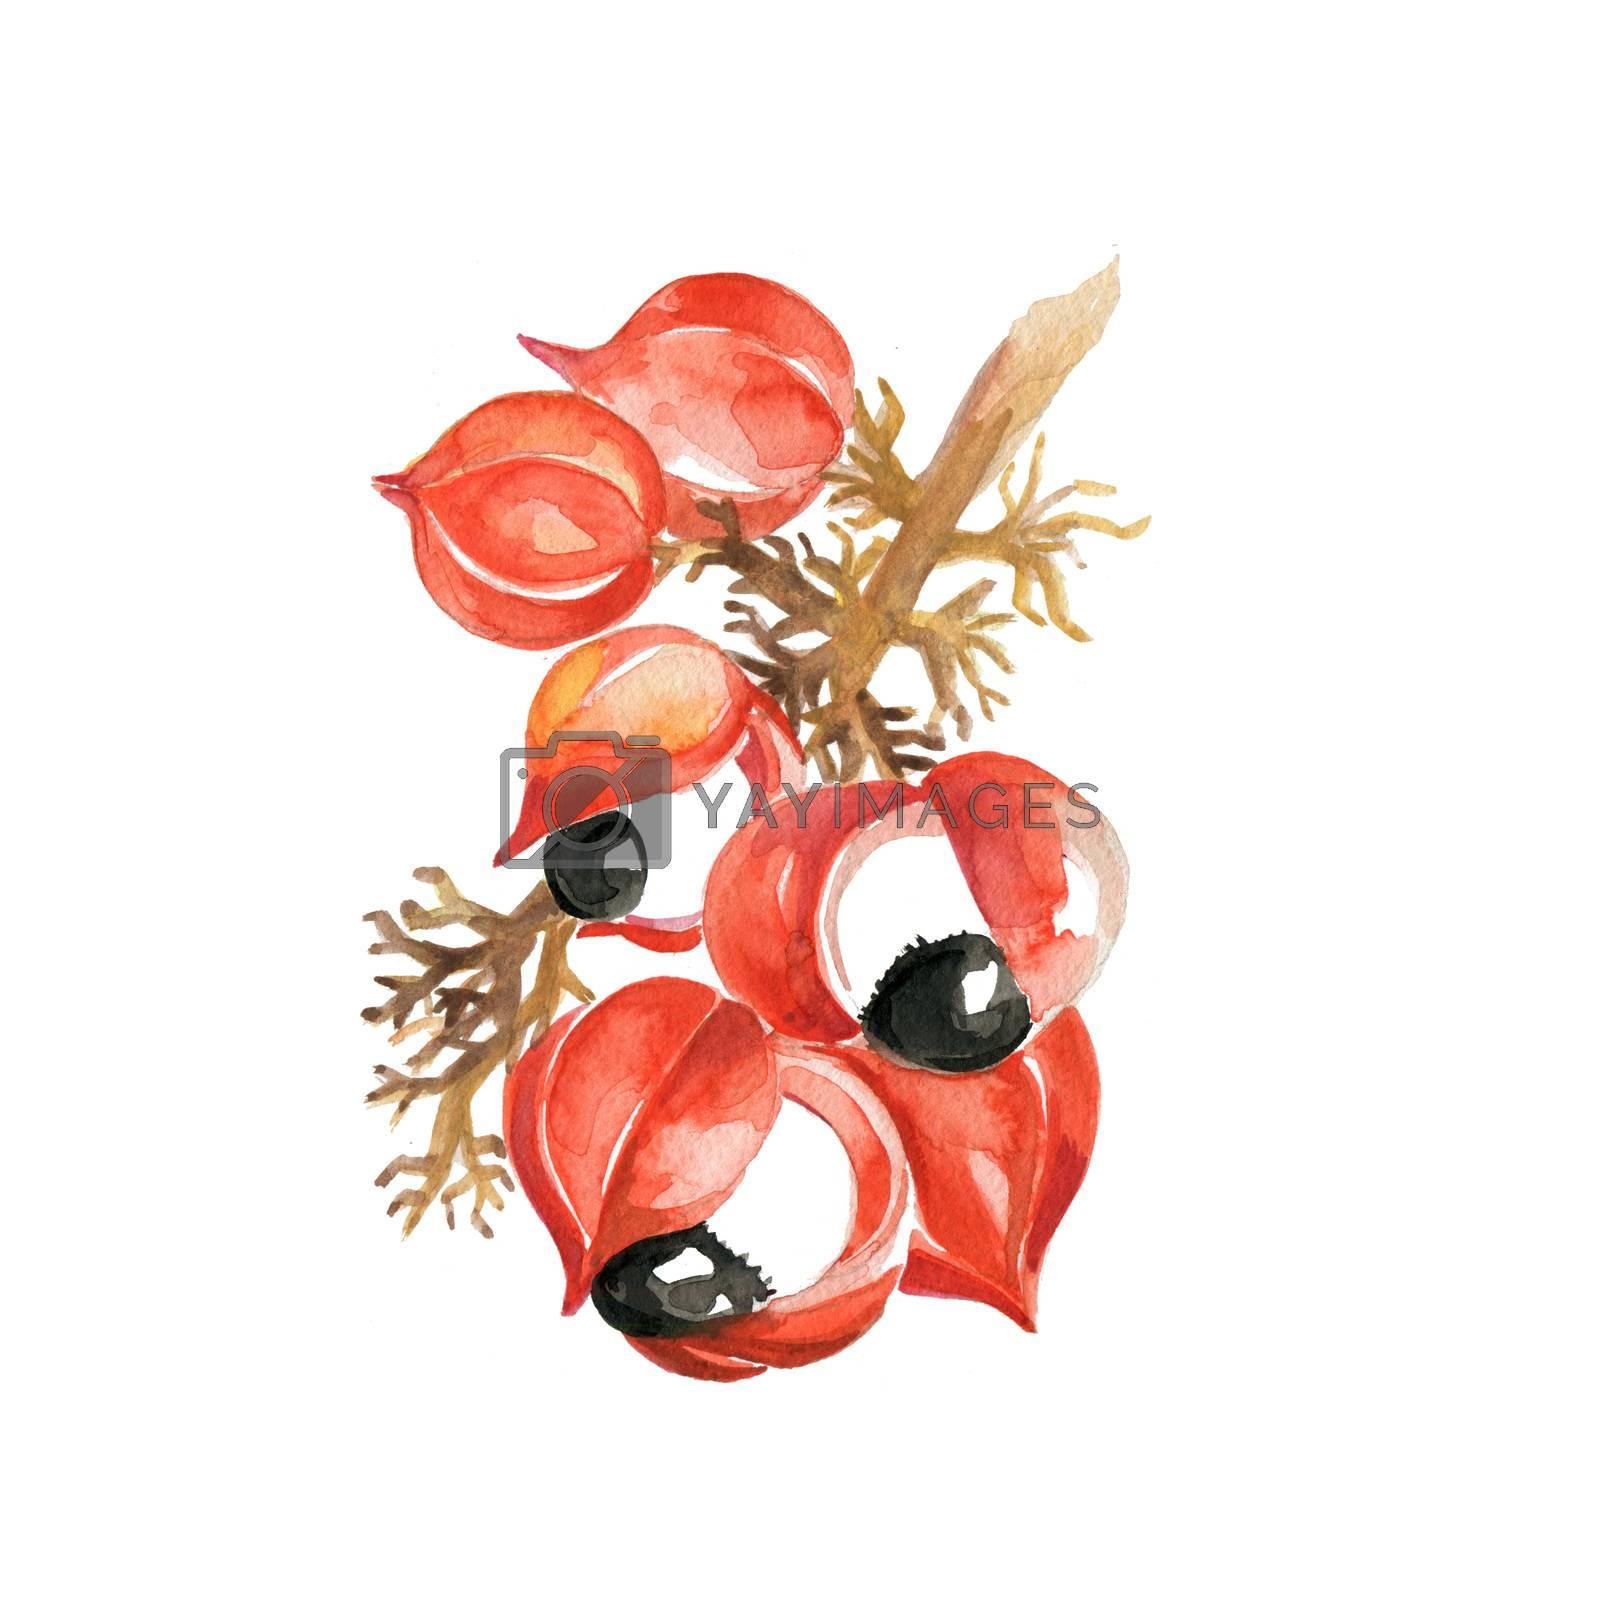 Watercolor Guarana. Hand Drawn Illustration Organic Food Vegetarian Ingredient